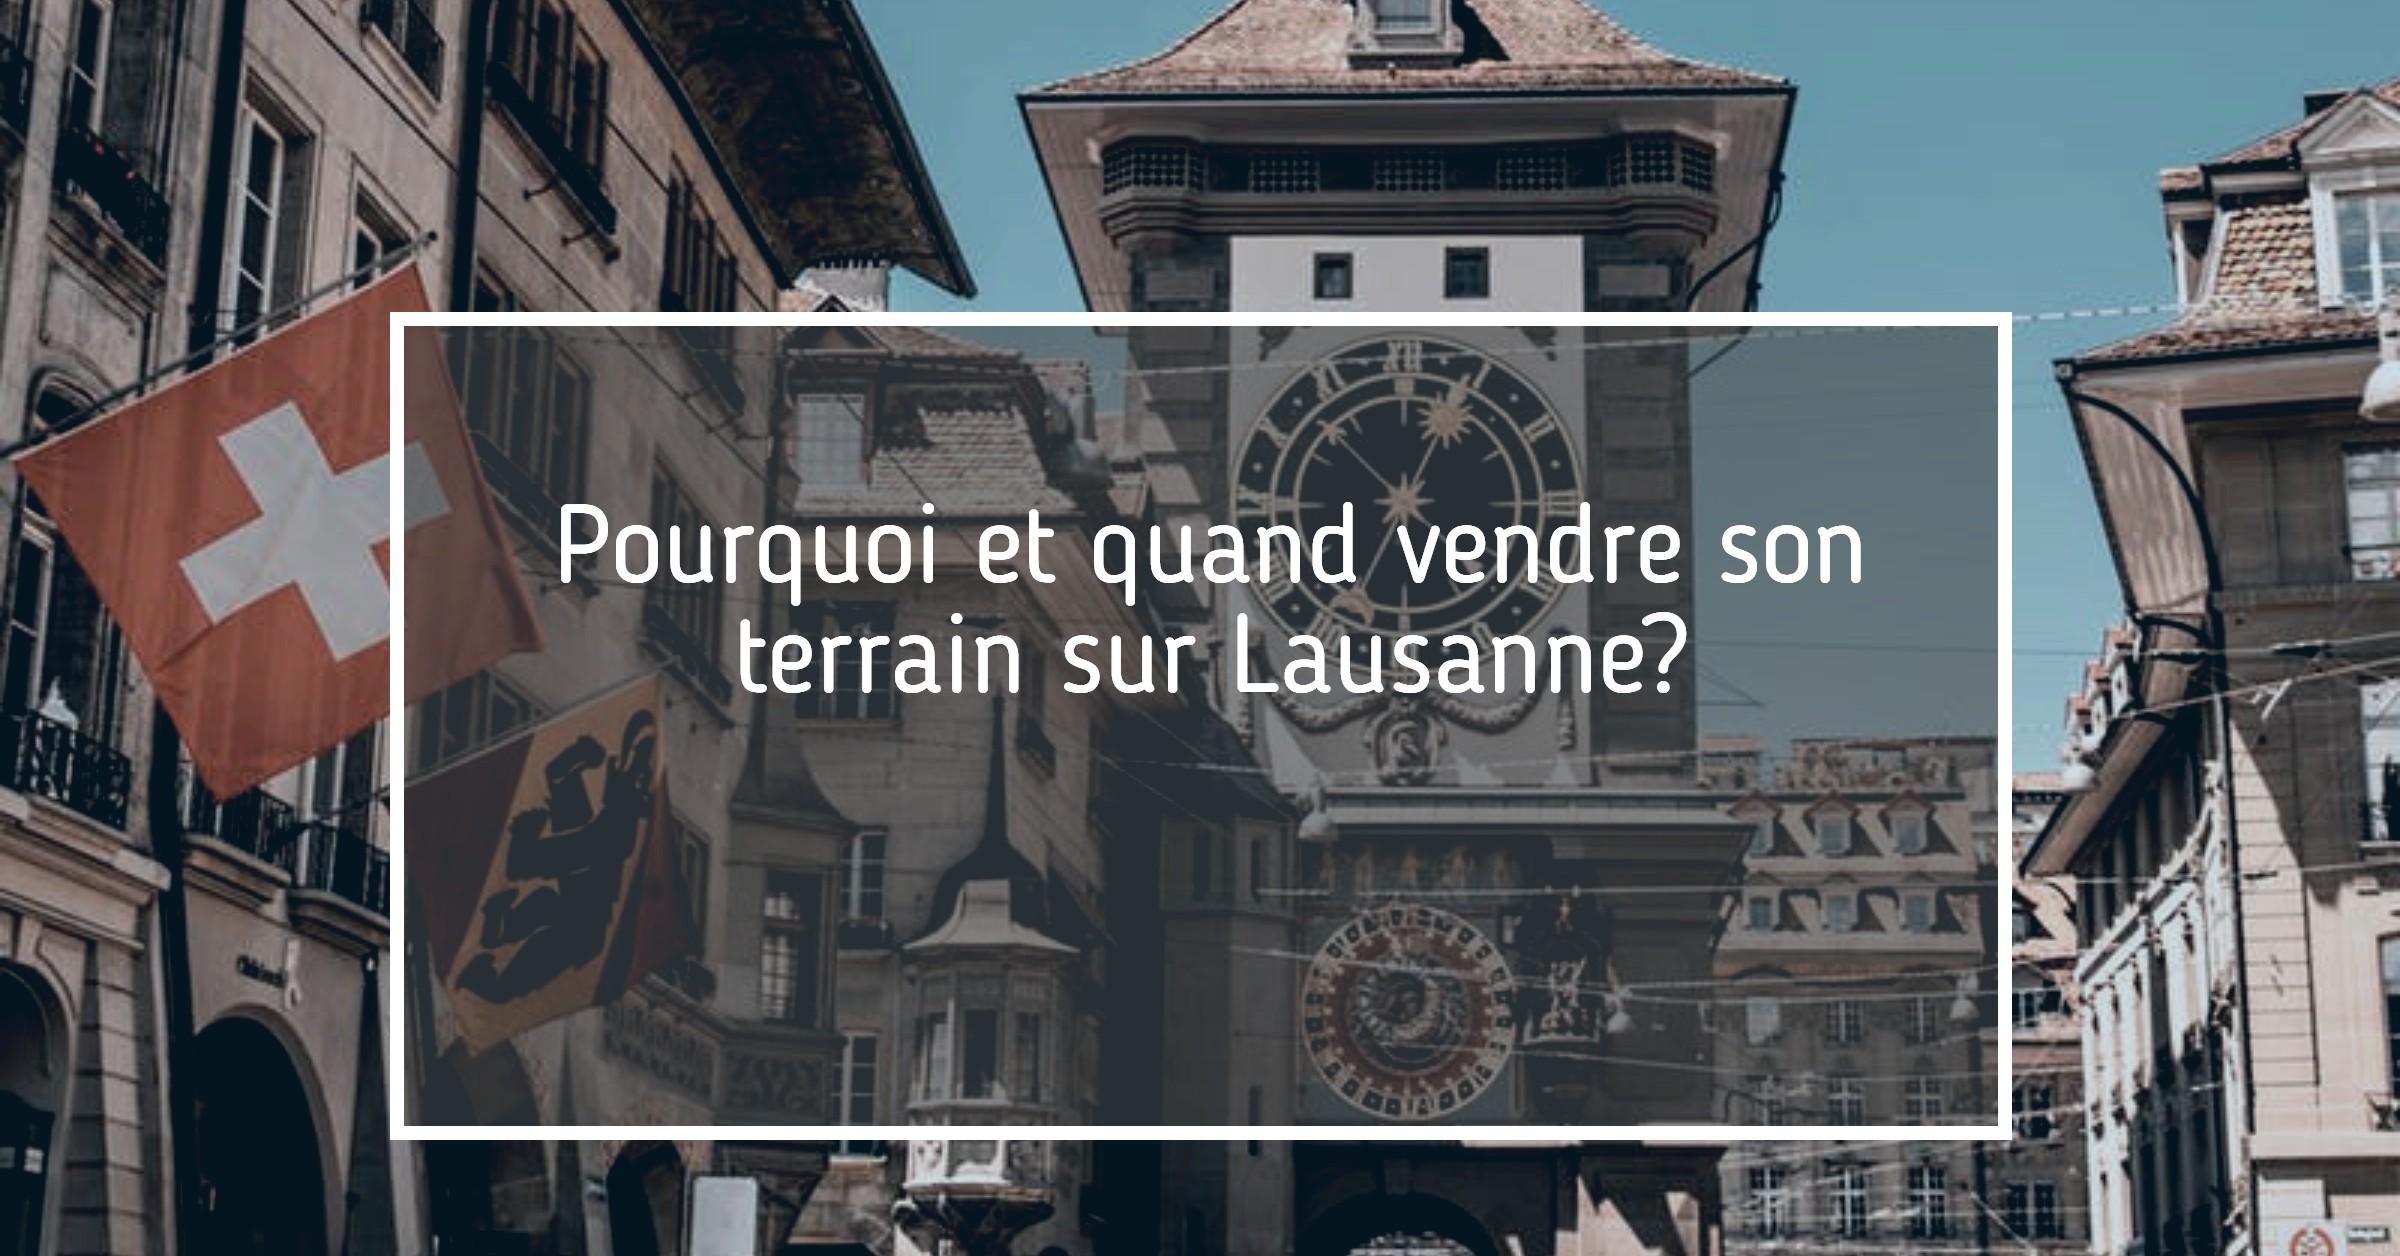 Vendre son terrain Lausanne